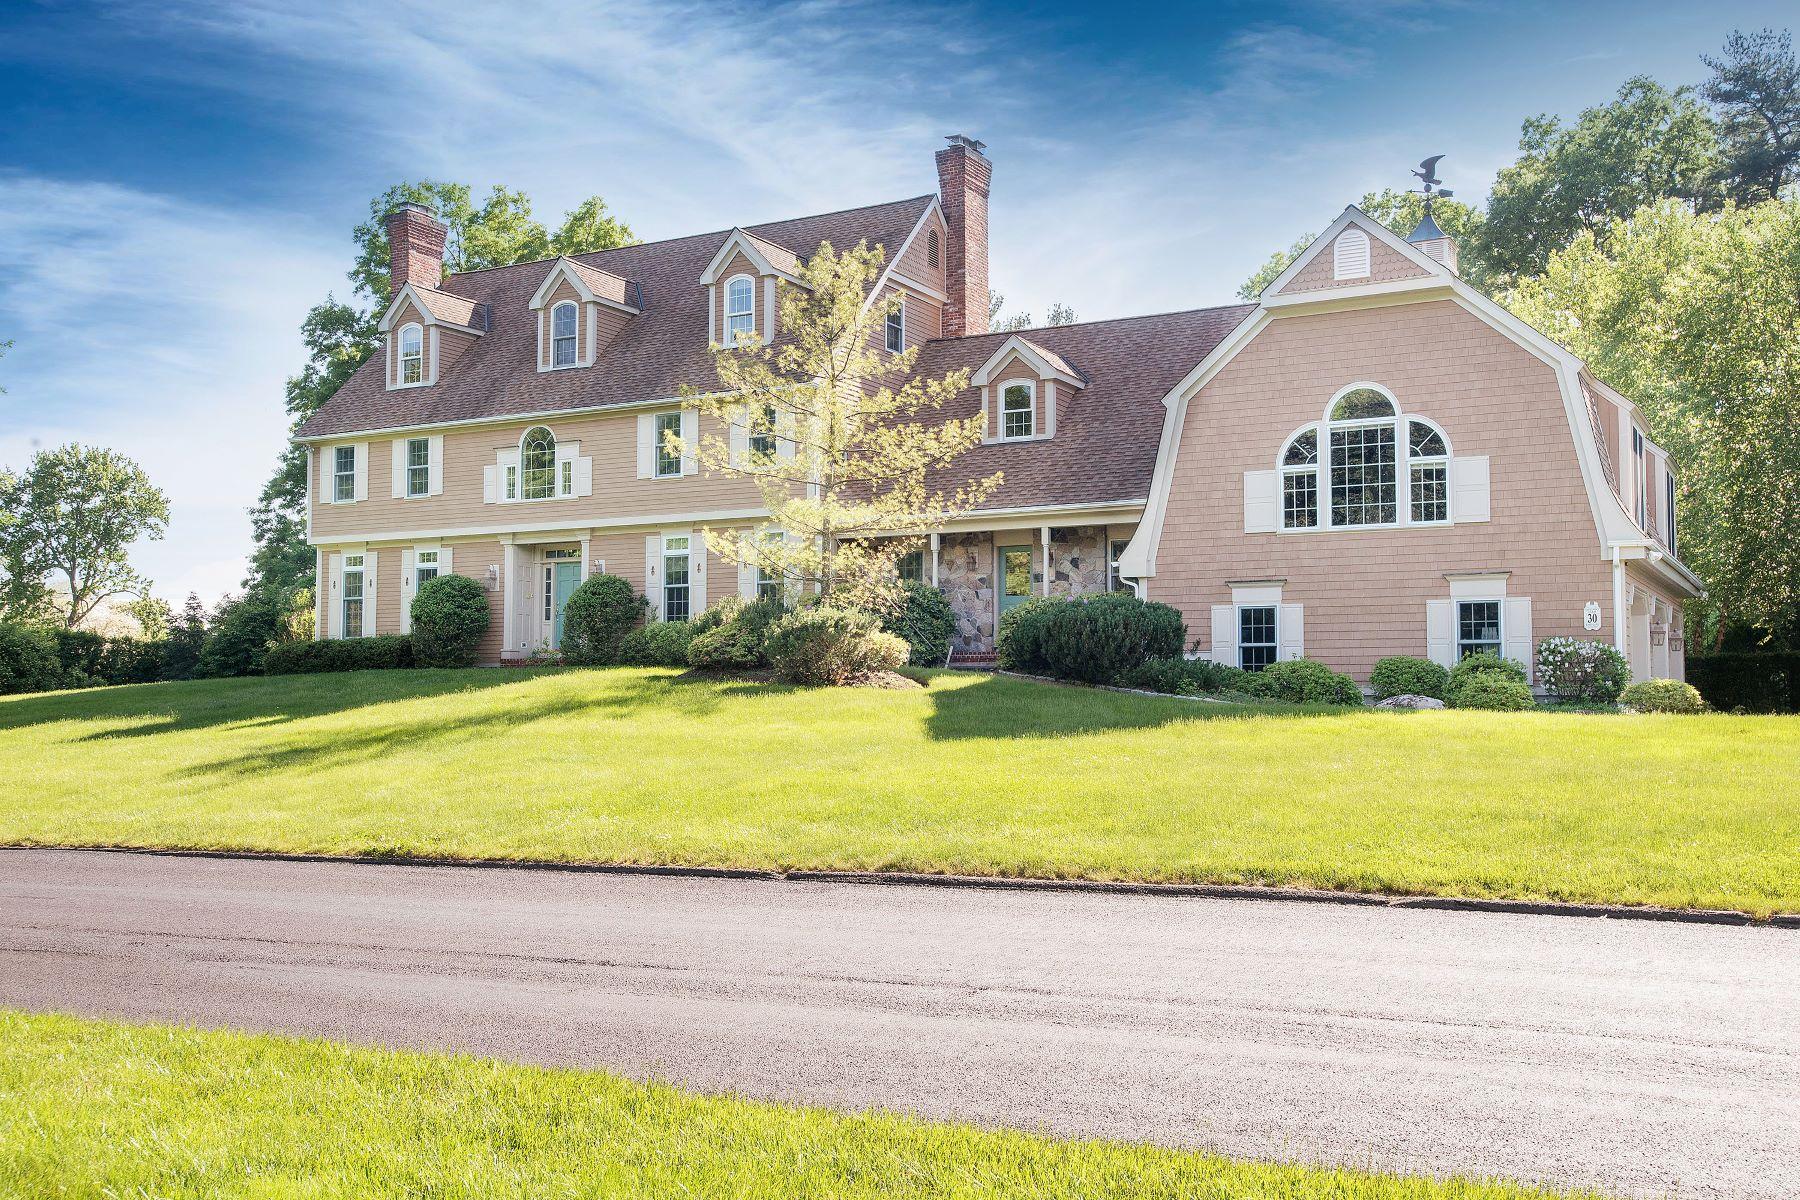 Частный односемейный дом для того Продажа на Davenport Farms 30 Davenport Farm Lane East Stamford, Коннектикут 06903 Соединенные Штаты